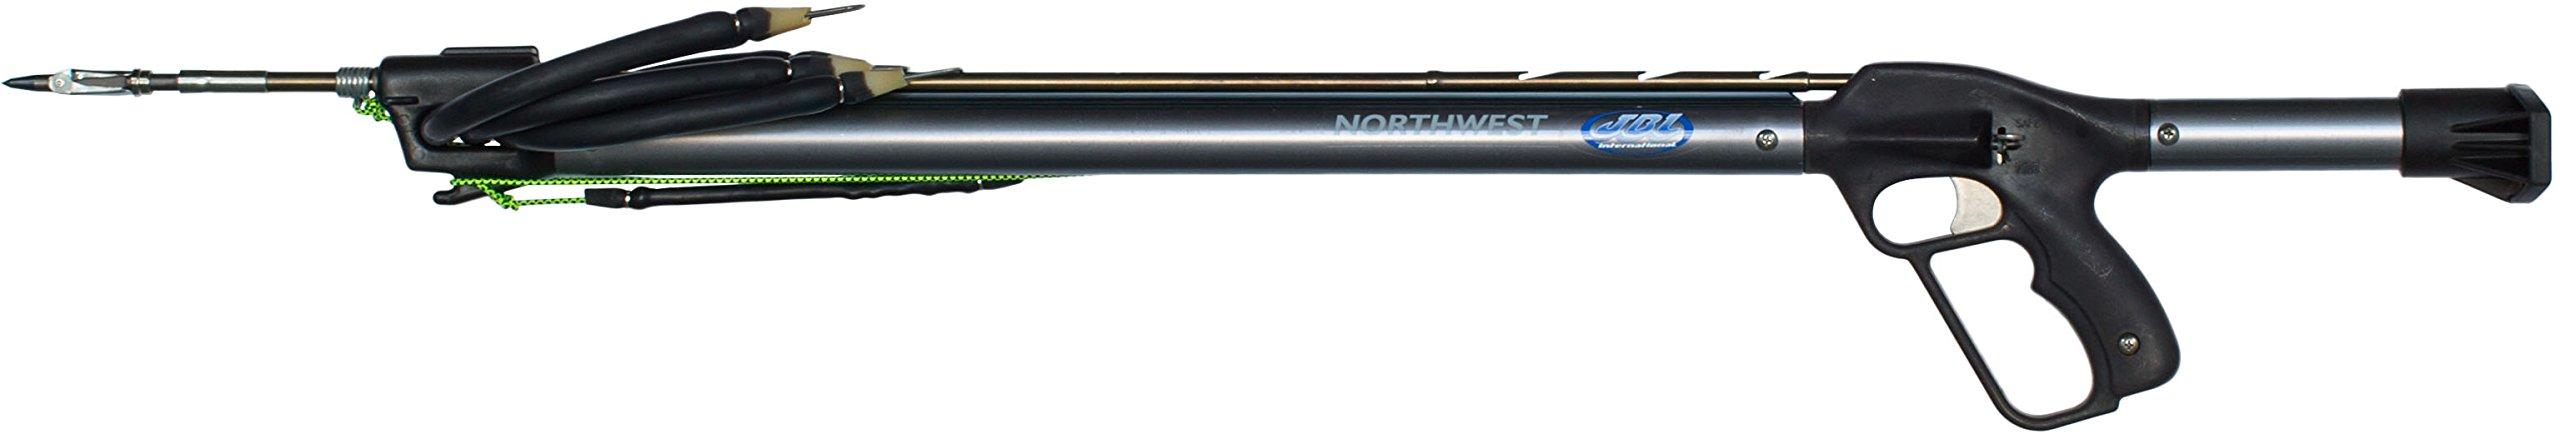 JBL 38-Special Northwest Speargun